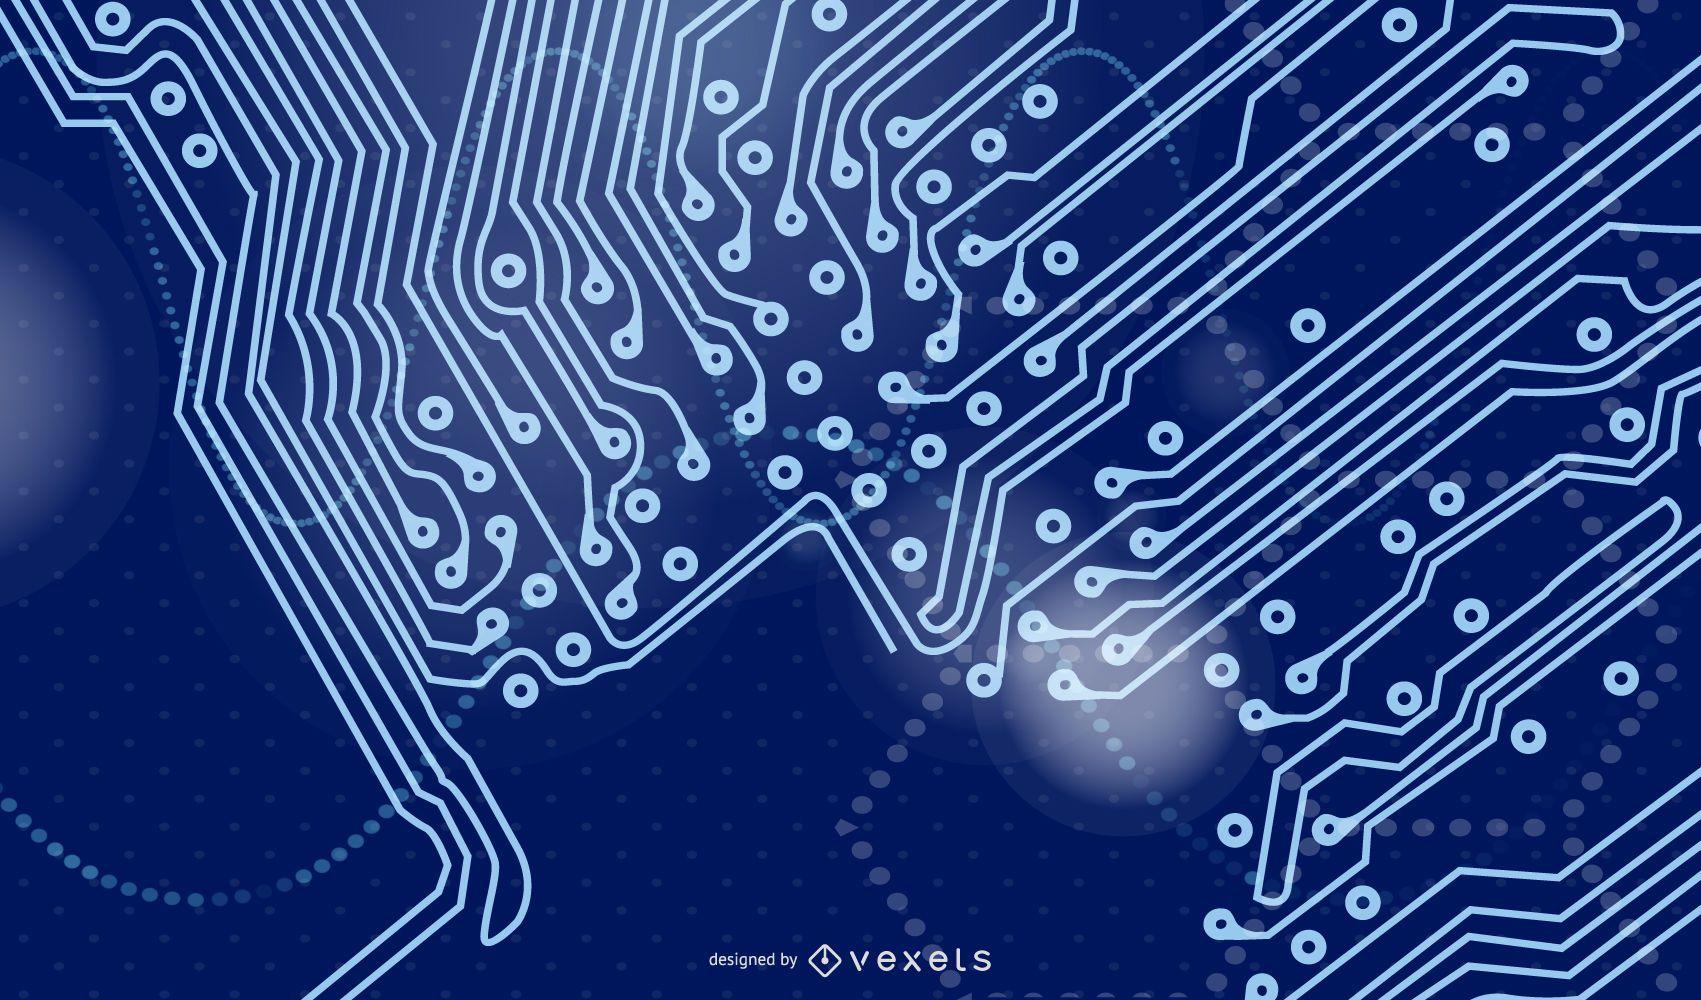 Digitech Blue Futuristic Background